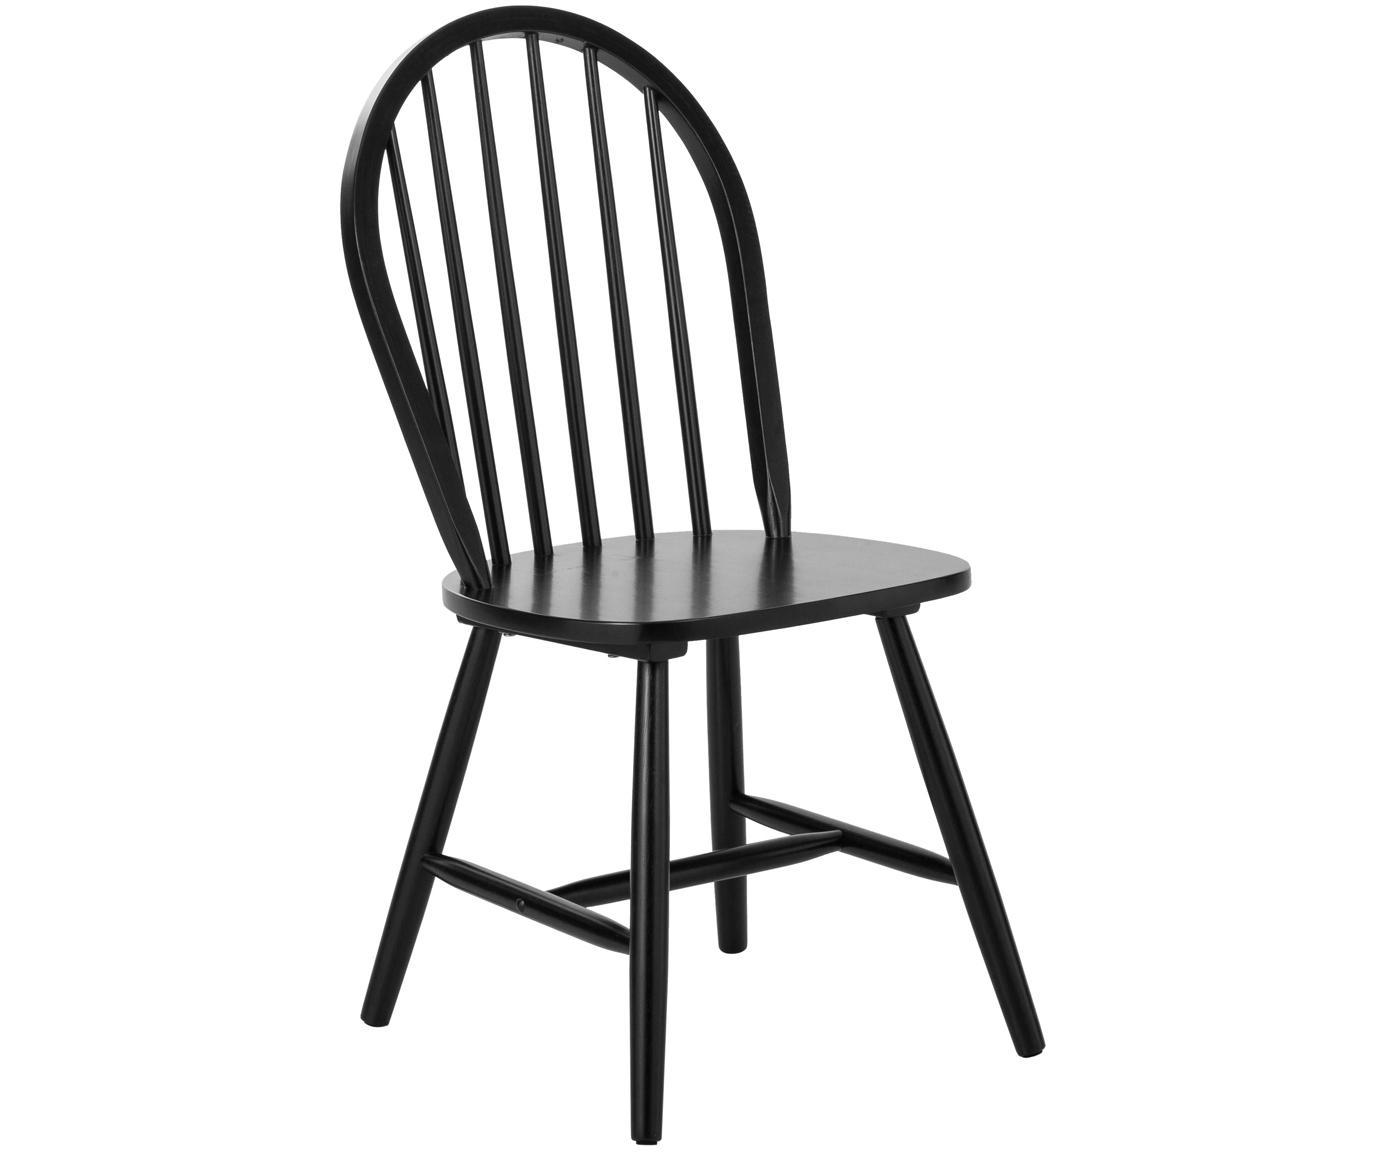 Sedia in legno in design windsor Jonas 2 pz, Legno di caucciù verniciato, Nero, Larg. 46 x Prof. 51 cm